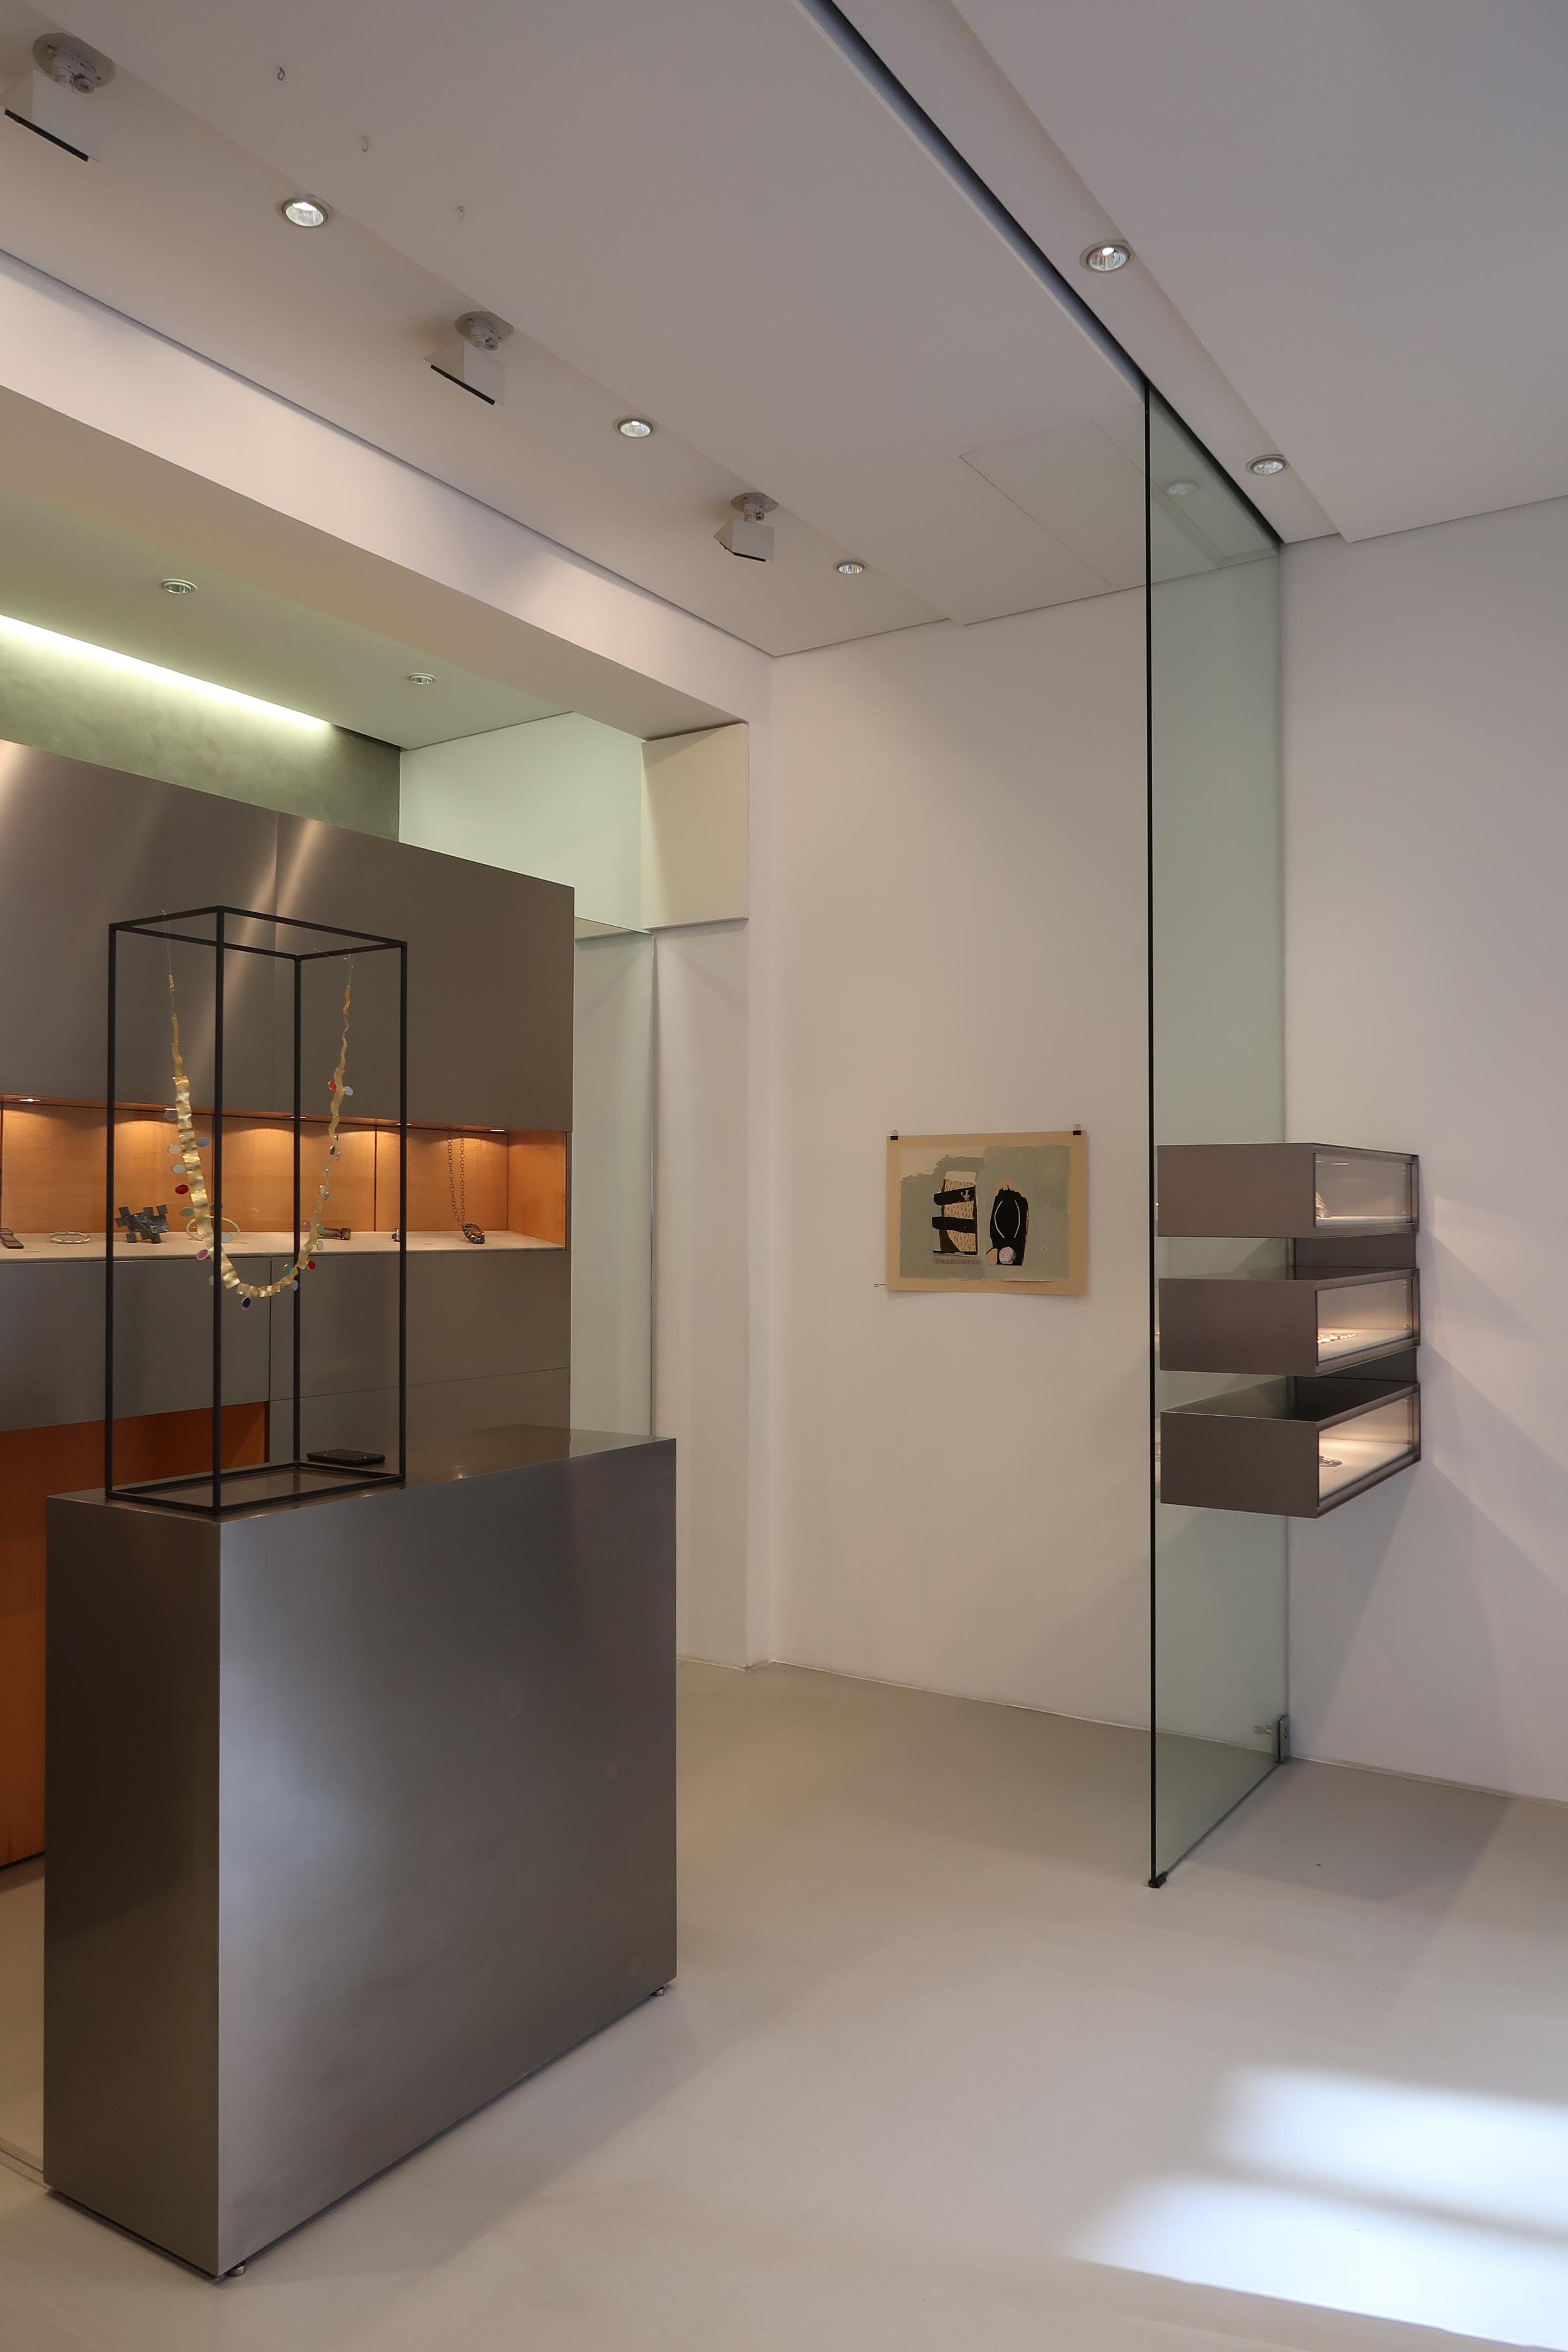 Galerie Isabella Hund, interieur, München, 12 maart 2020. Foto Coert Peter Krabbe, vitrine, halssieraad, Margit Jäschke